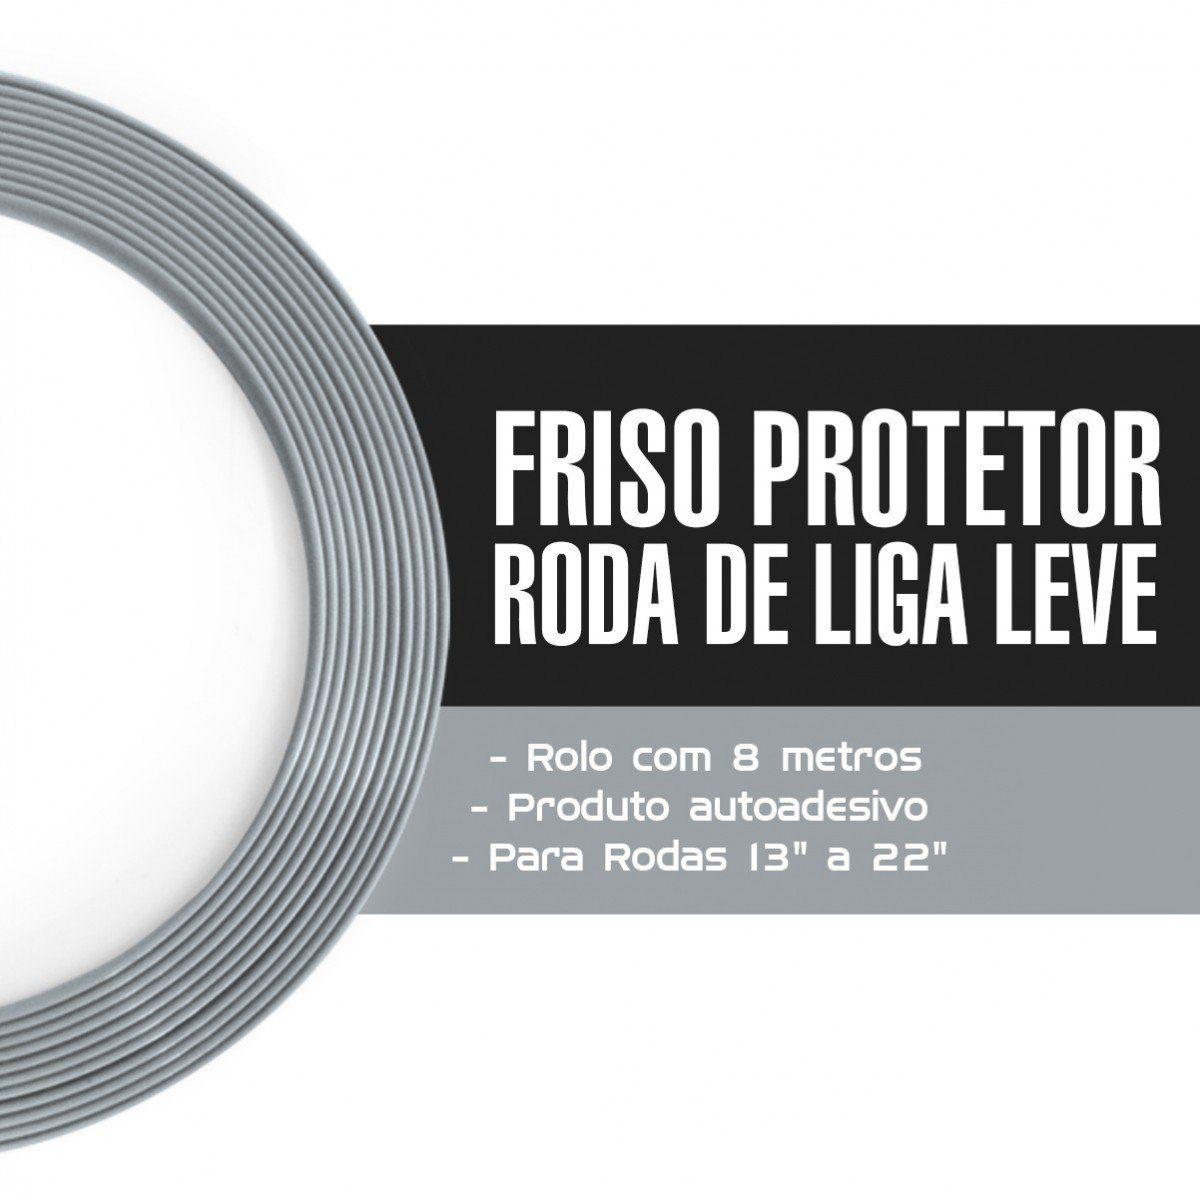 Friso Protetor Roda Liga Leve Esportiva Tuning 8m - Cinza